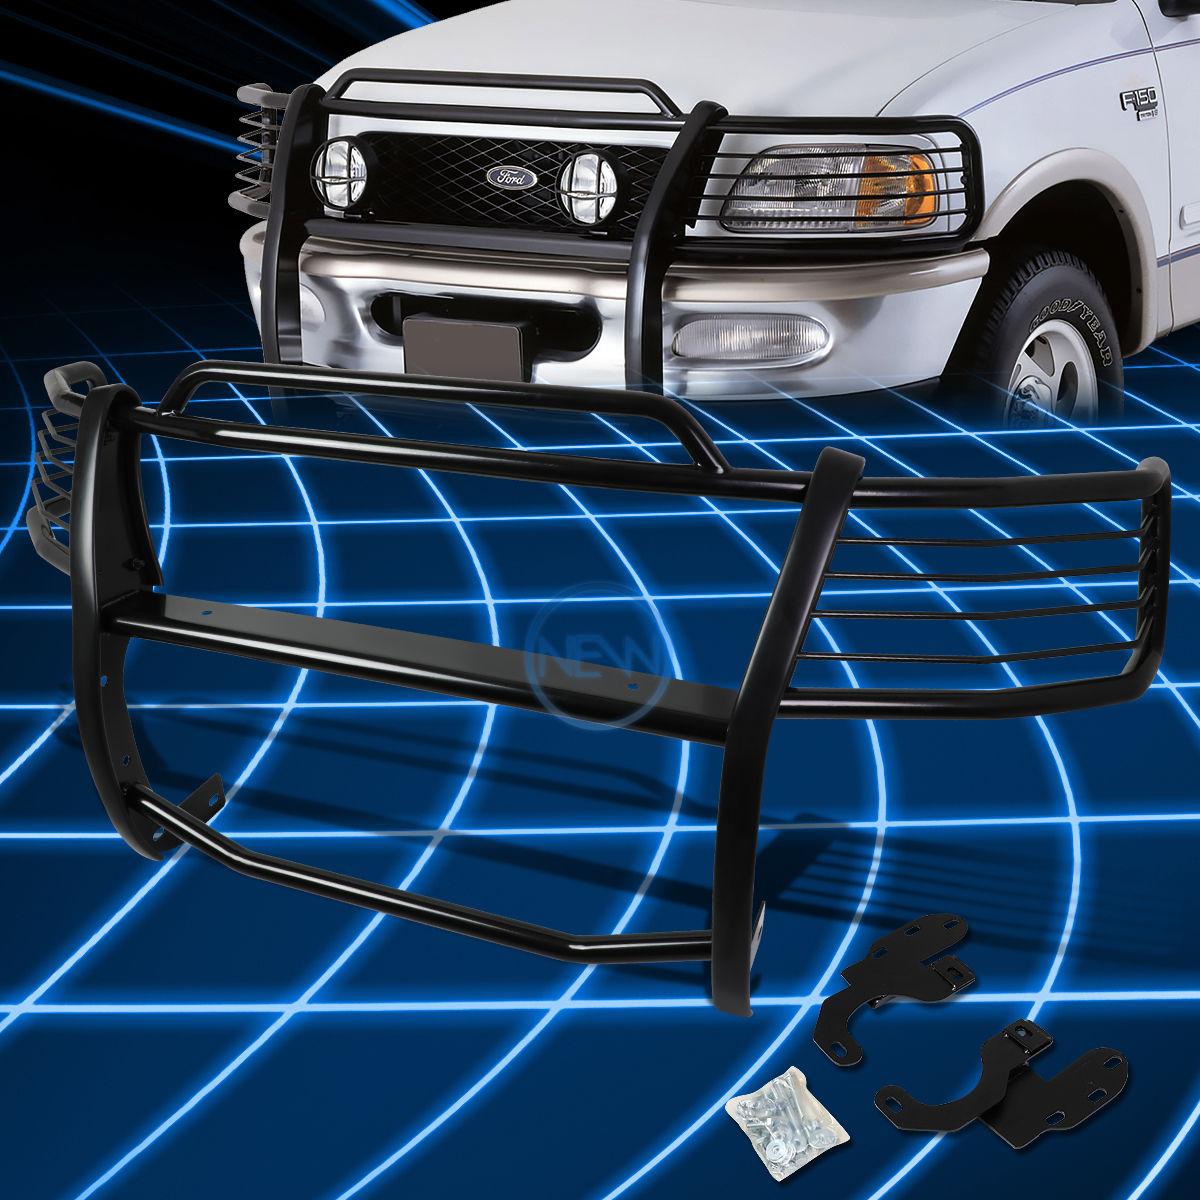 グリル ブラックブラシバンパープロテクターグリルガード(1999-2002)遠征/ F15  0 2WD Black Brush Bumper Protector Grille Guard for 1999-2002 Expedition/F150 2WD